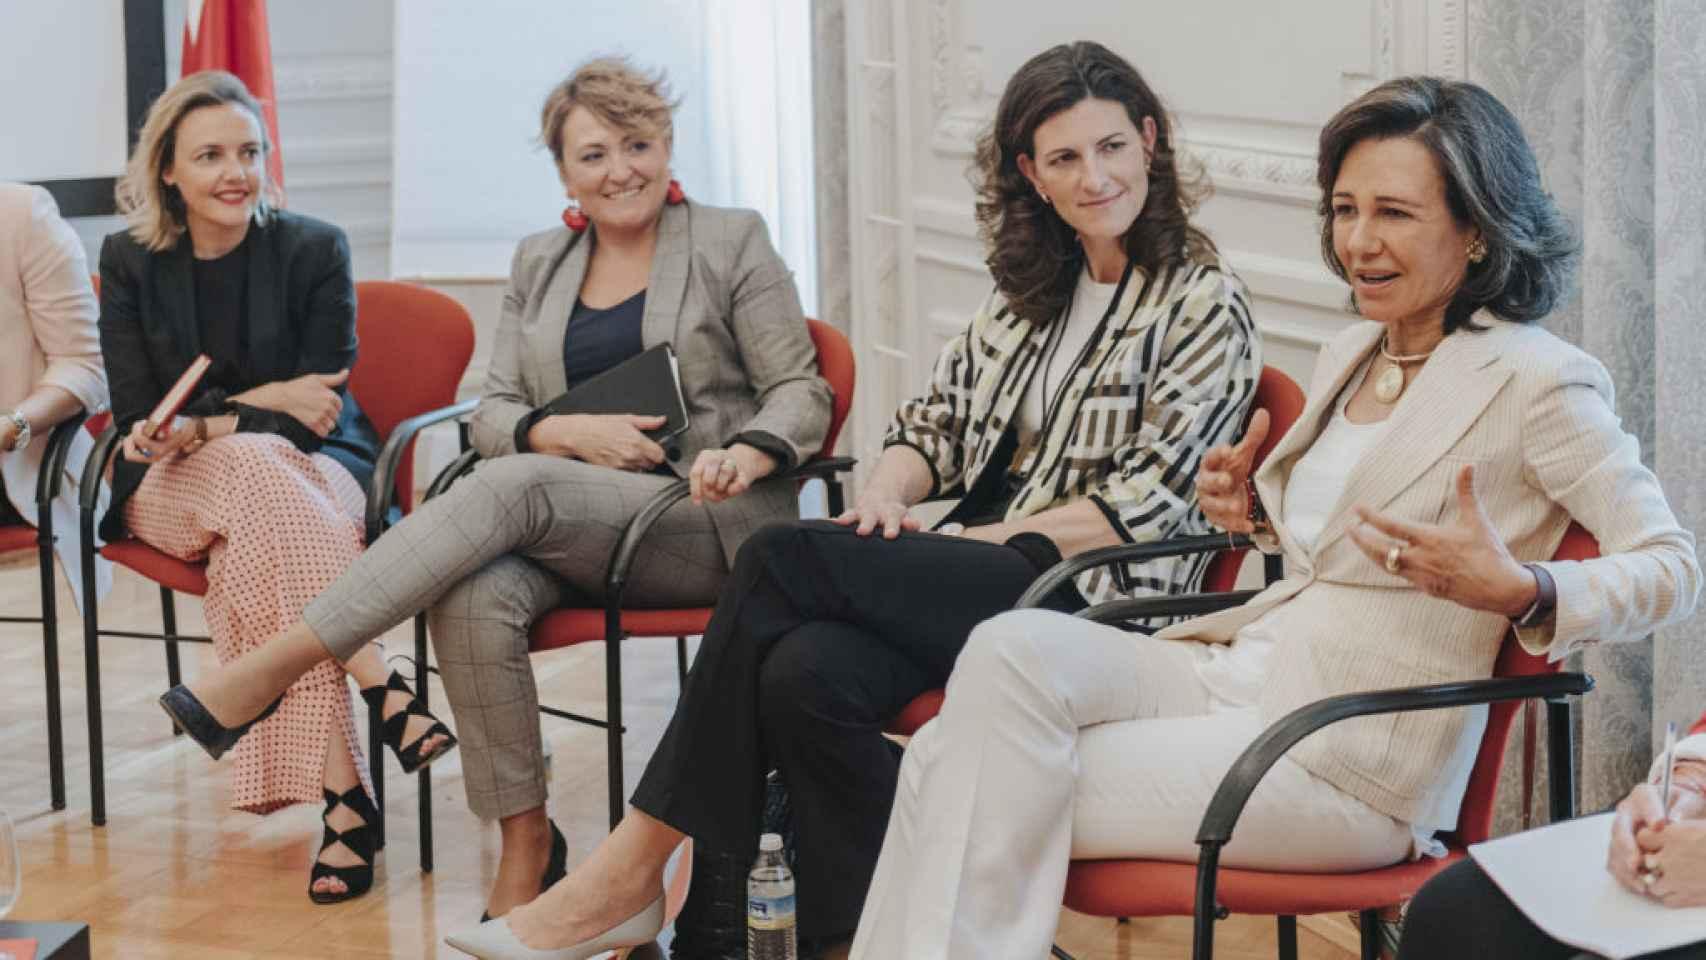 Ana Botín, presidenta del Banco Santander, con directivas de la territorial de Andalucía, en una imagen de archivo.